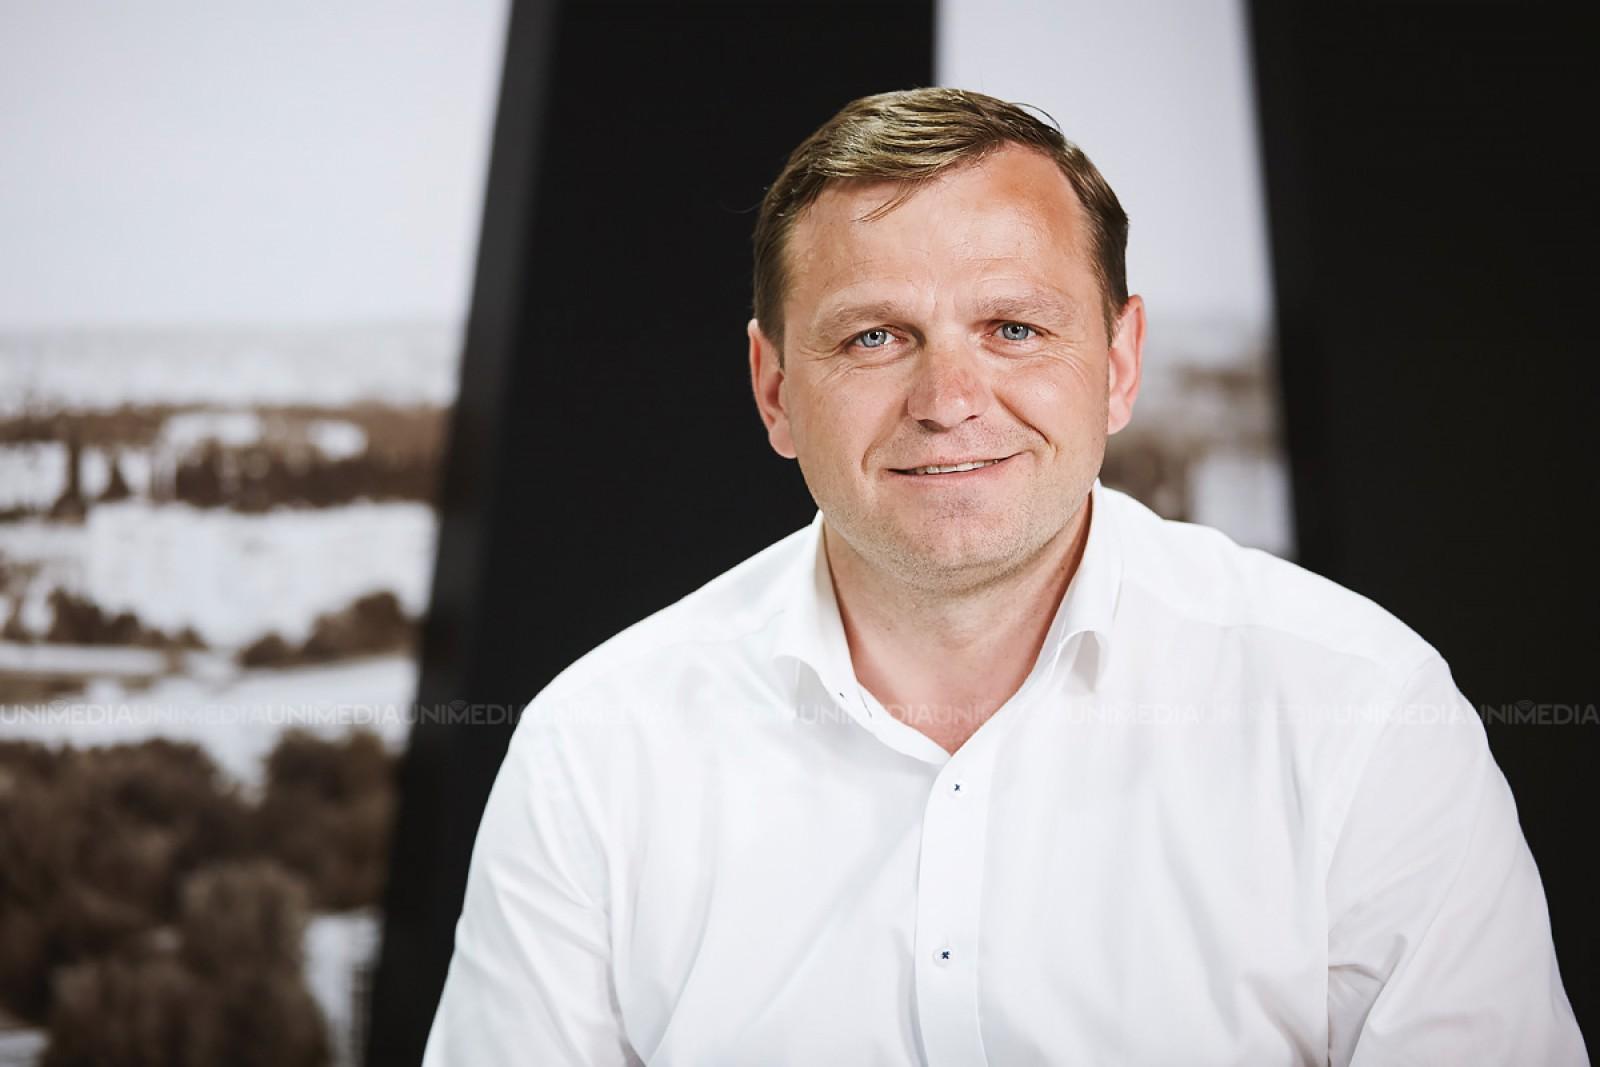 CECC a trimis în instanță procesele verbale: Când va fi validat mandatul lui Andrei Năstase